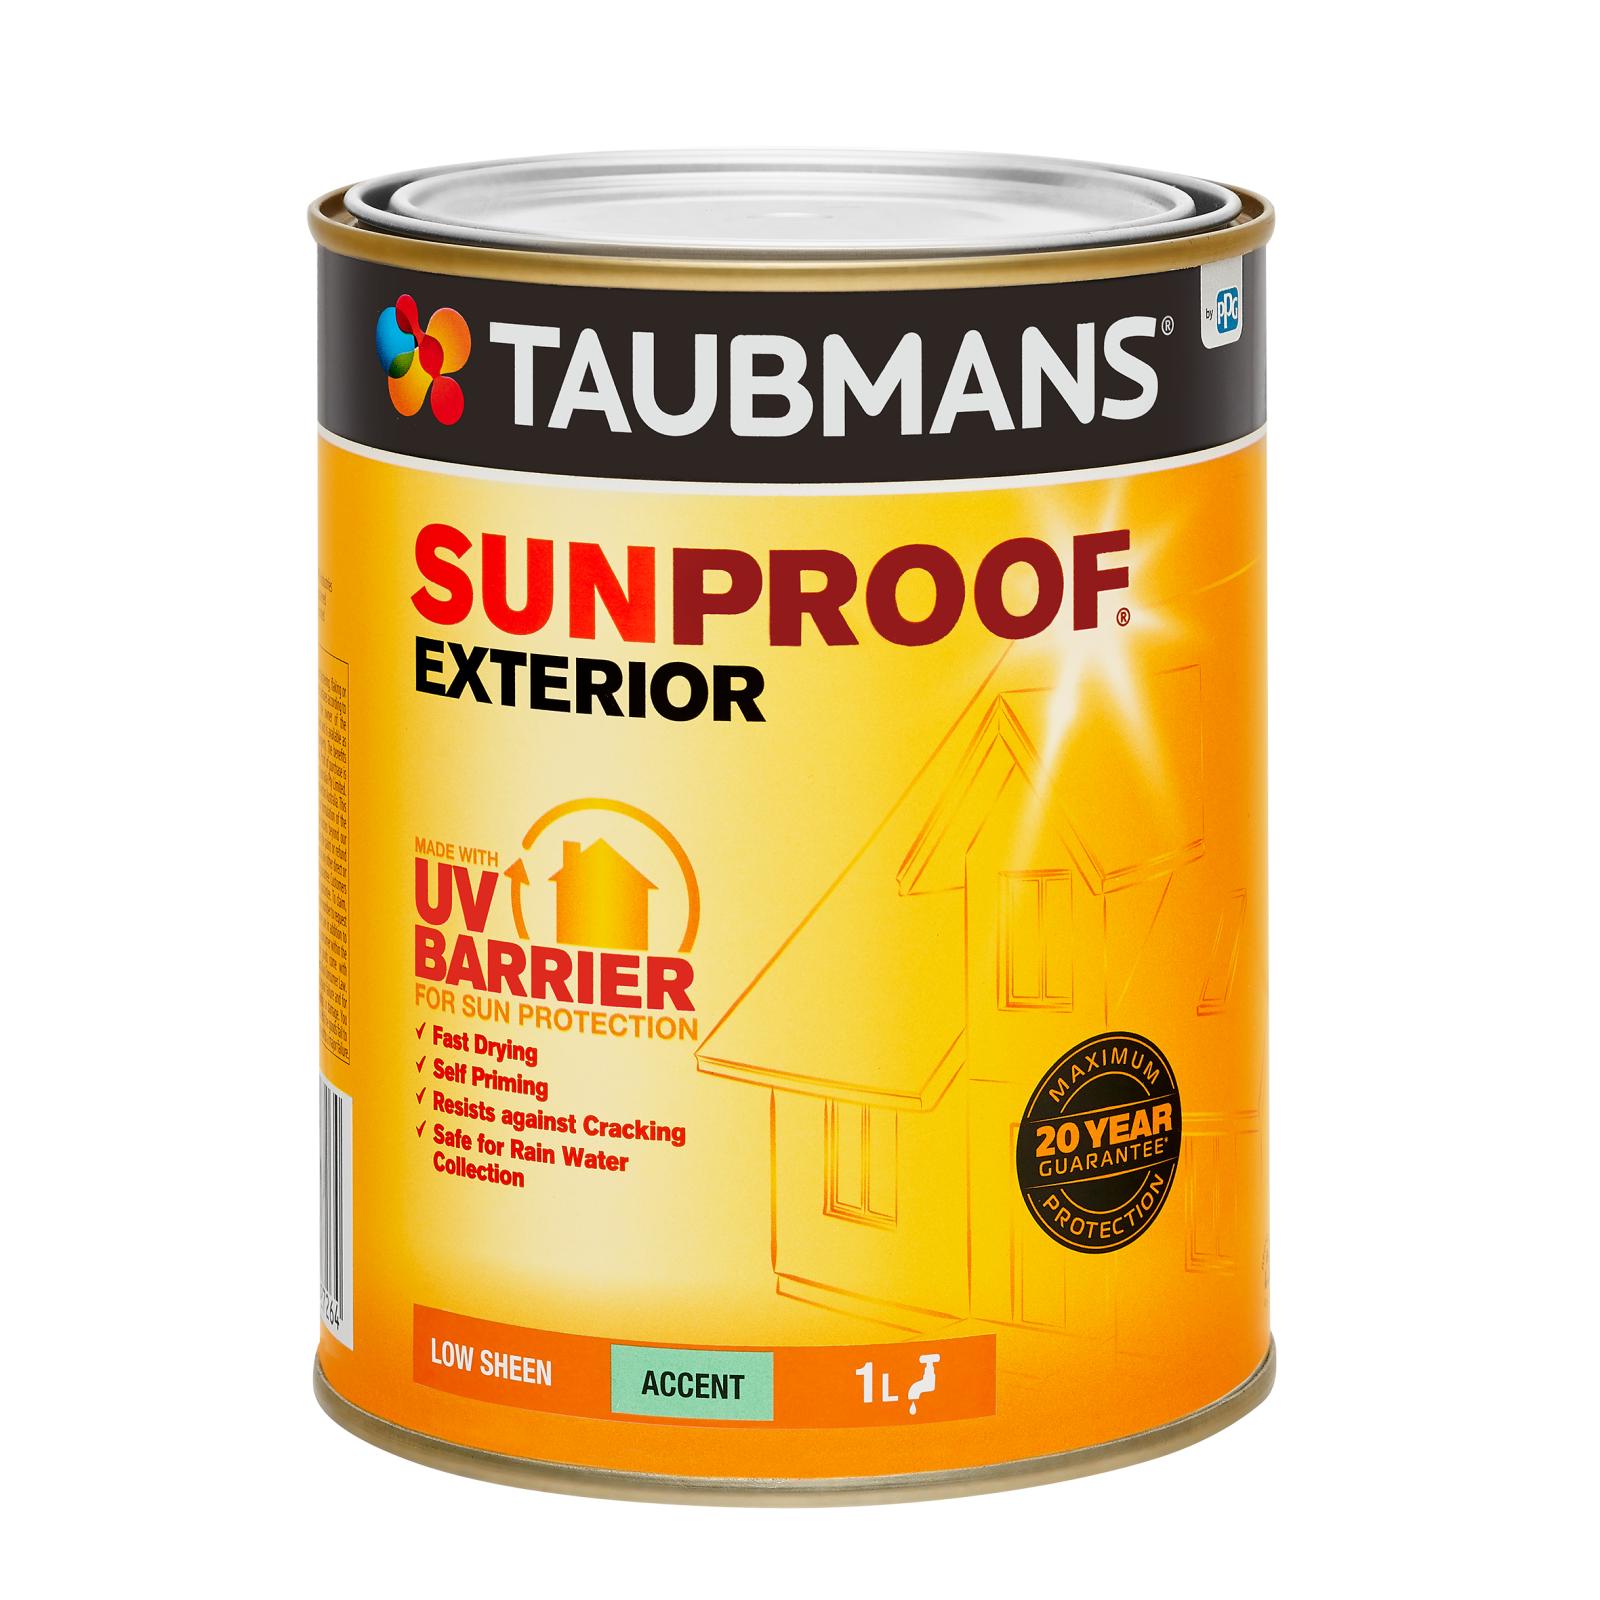 Taubmans Low Sheen Accent Sunproof Exterior Paint - 1L